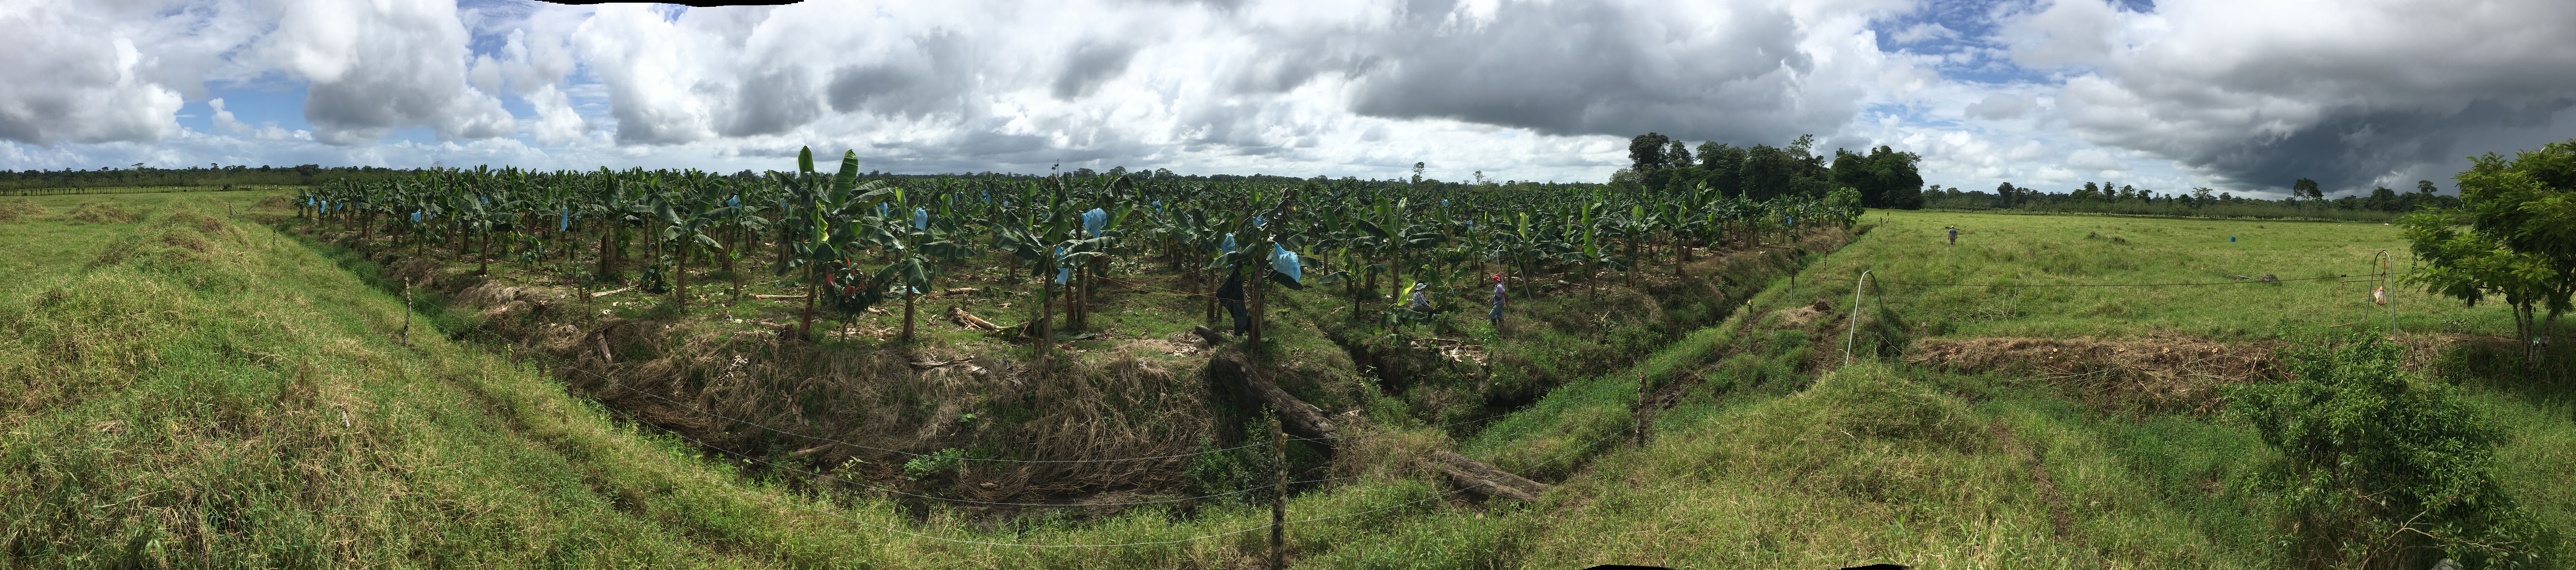 cacaitos-tortuguero-cocoa-banana-plantation-1